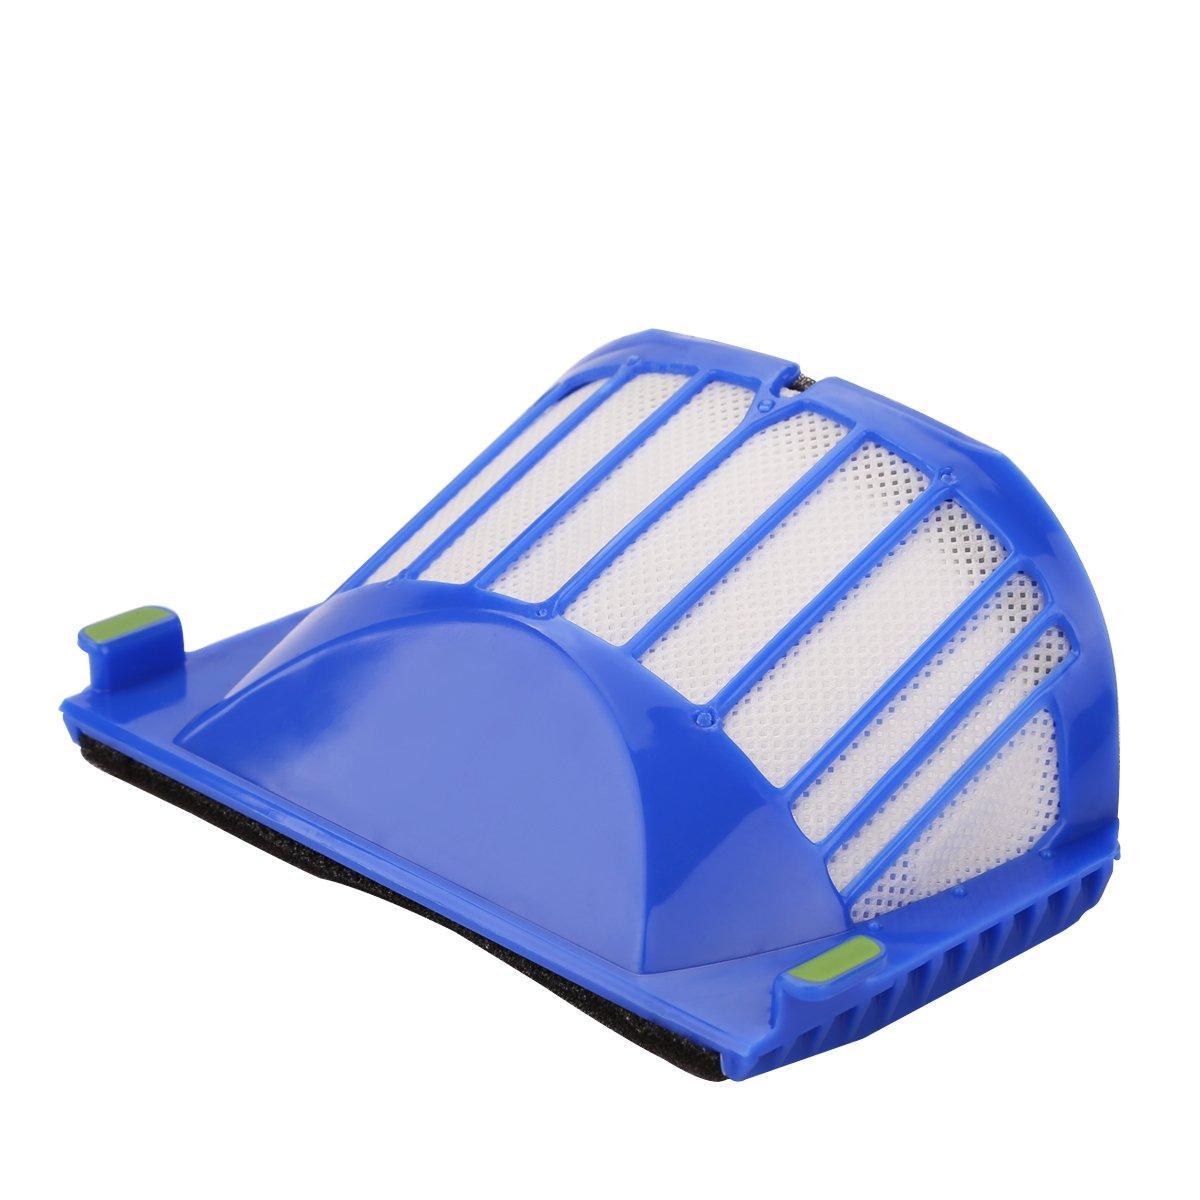 POWER-XWT Filtro de Reemplazo para IRobot Roomba 600 Serie 605 620 630 632 650 651 660 Accesorios de Repuesto Paquete de 10